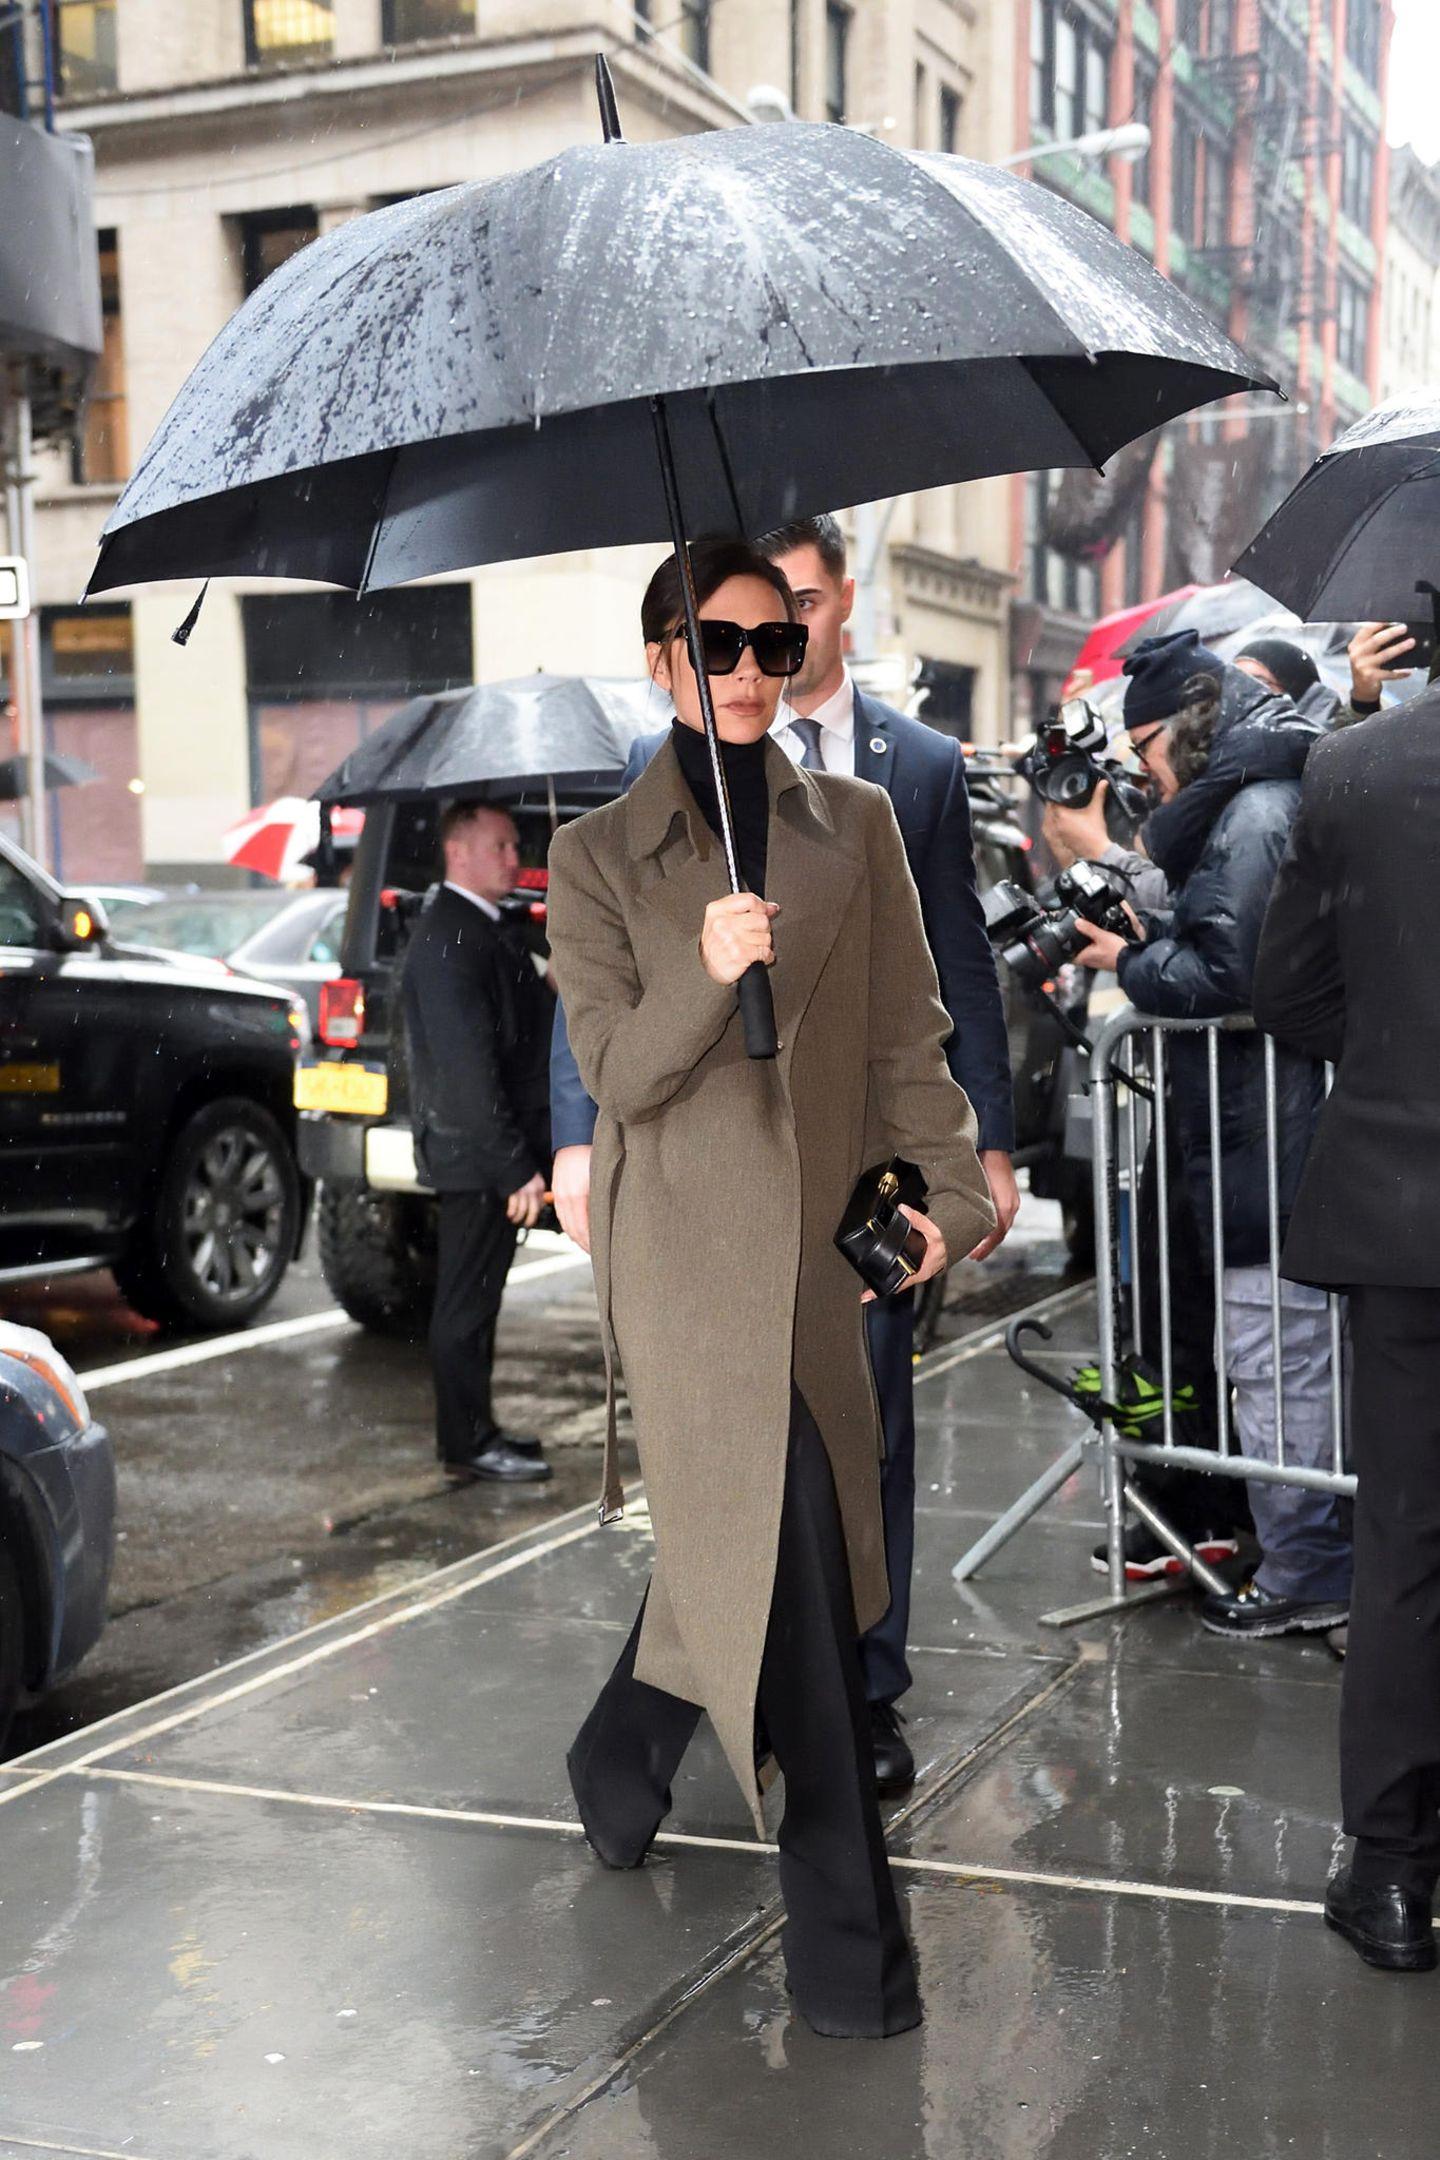 Auf dem Weg zu ihrer eigenen Fashion-Show schützt sich Victoria mit Schirm und elegantem, grau-khakifarbenem Mantel vor dem New Yorker Mistwetter.